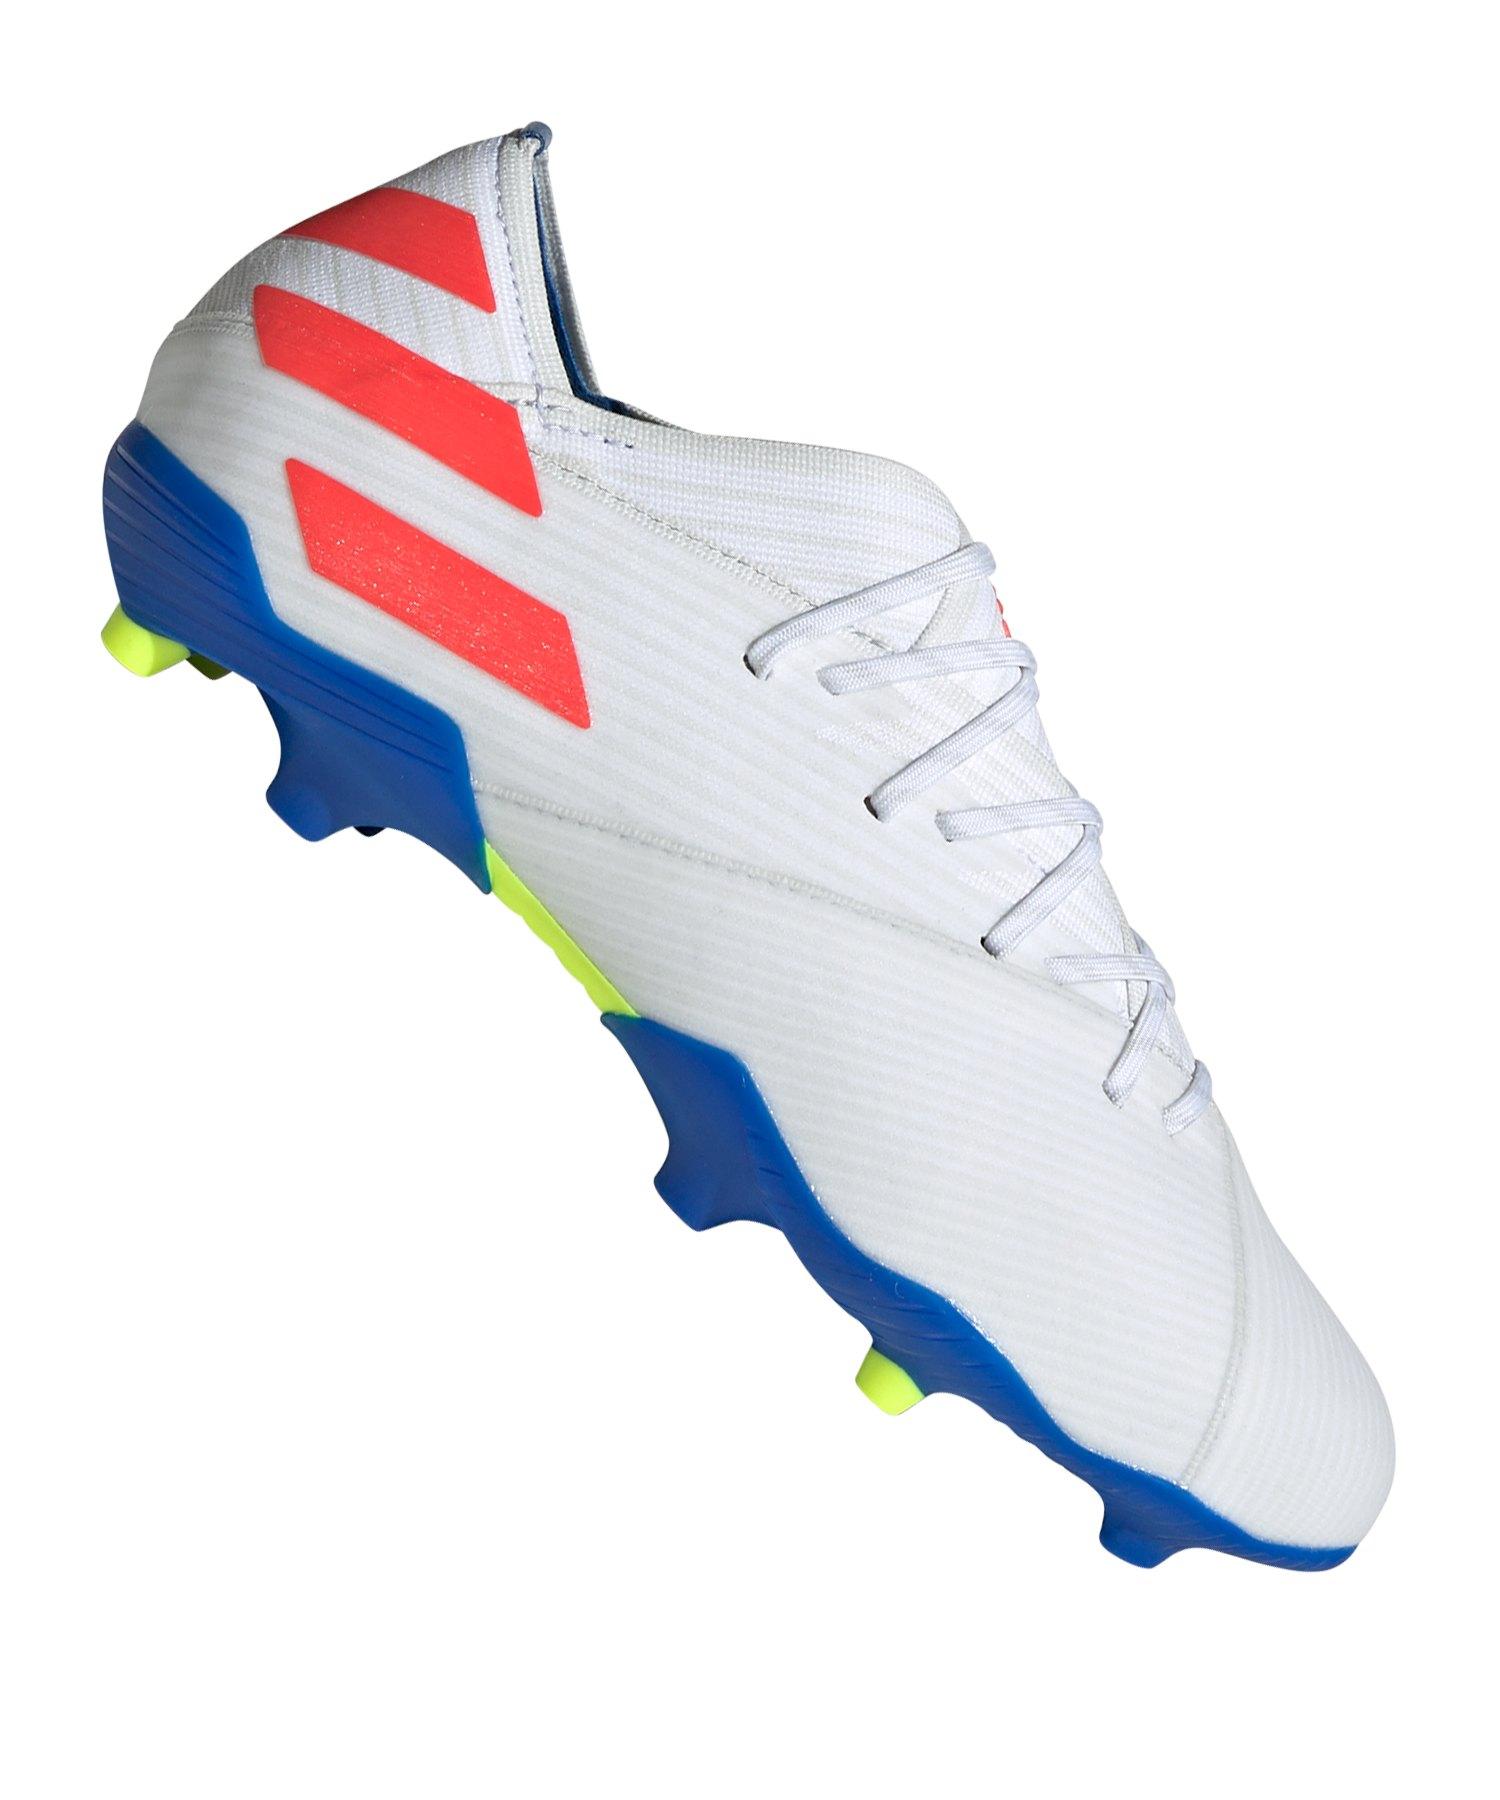 adidas NEMEZIZ Messi 19.1 FG J Kids Weiss Blau - Weiss